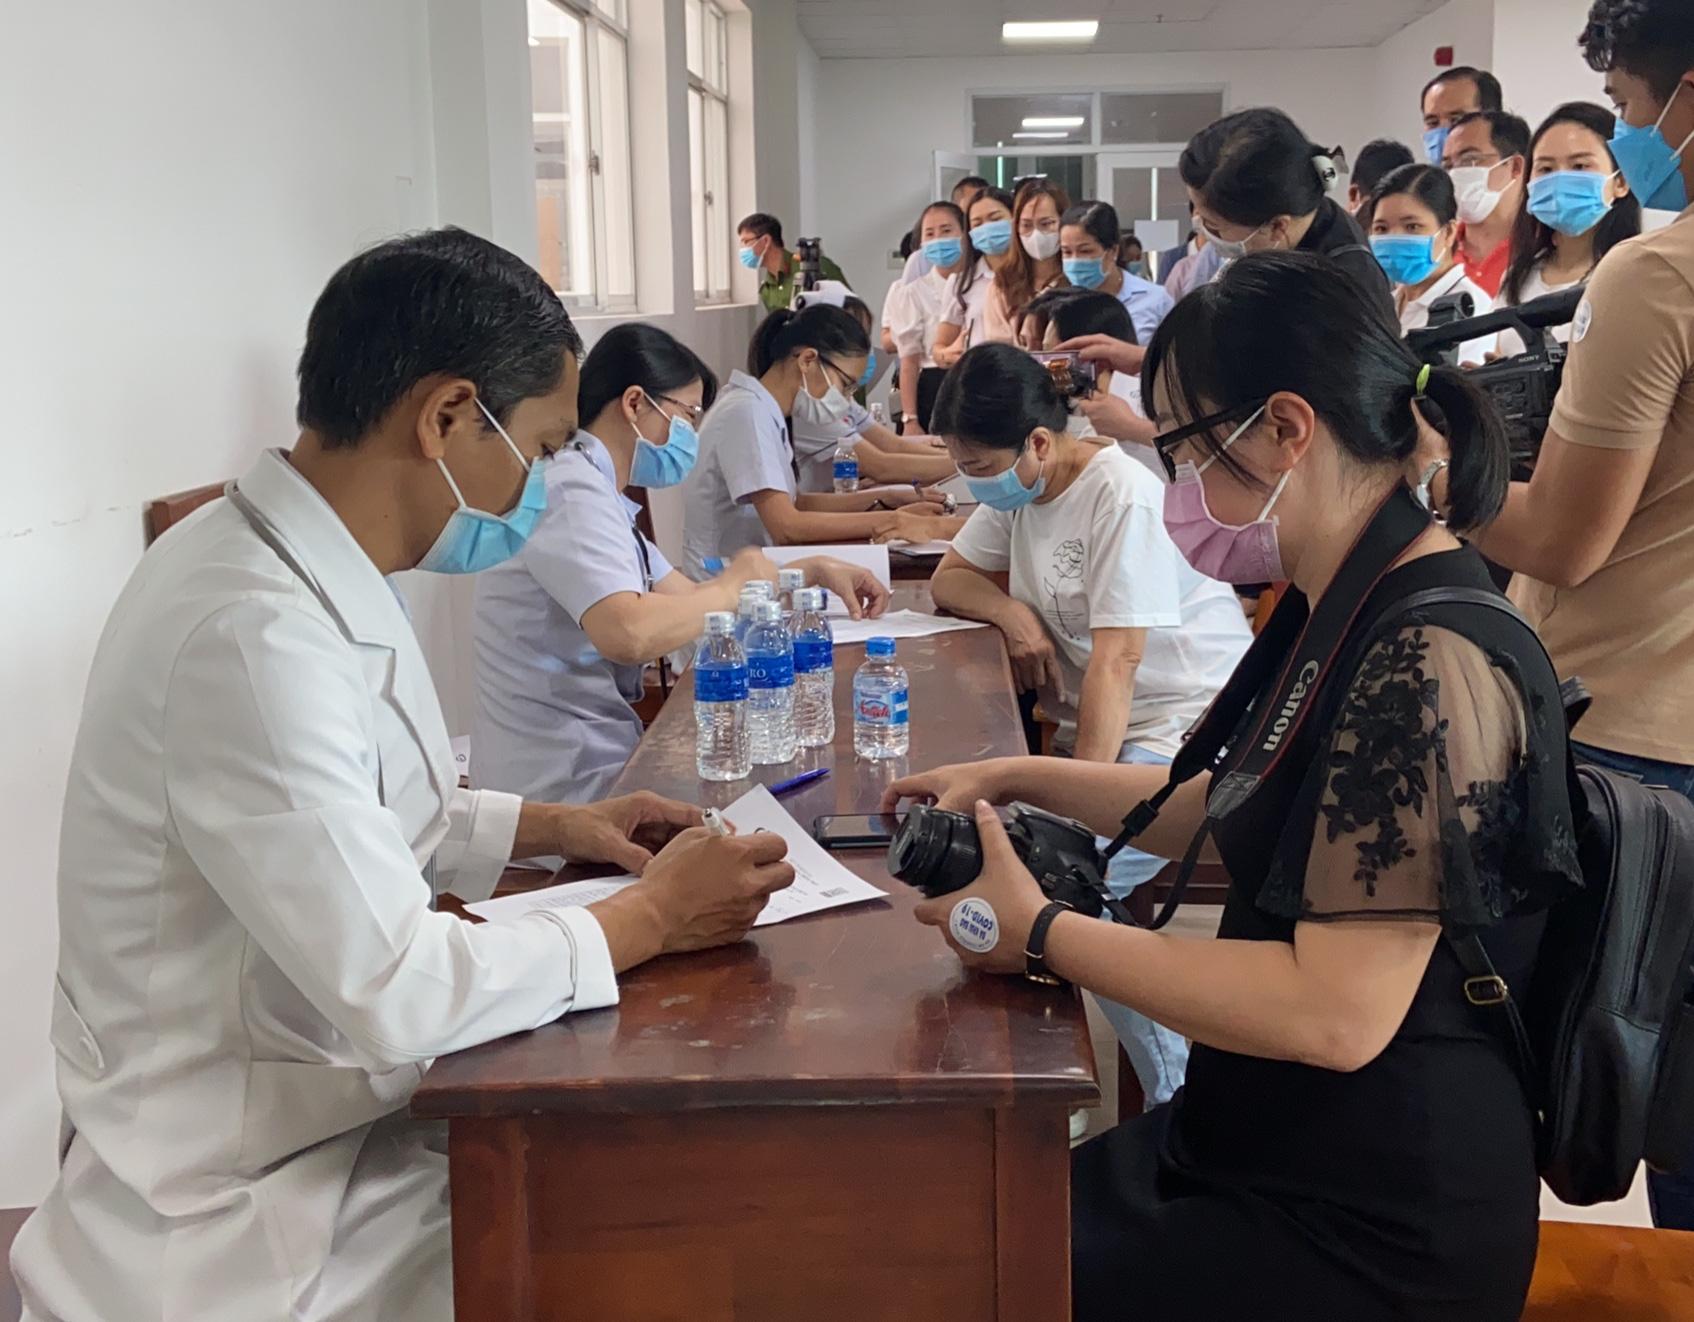 Đồng Nai: Gần 100 phóng viên, nhà báo được tiêm vắc xin Covid-19 - Ảnh 2.